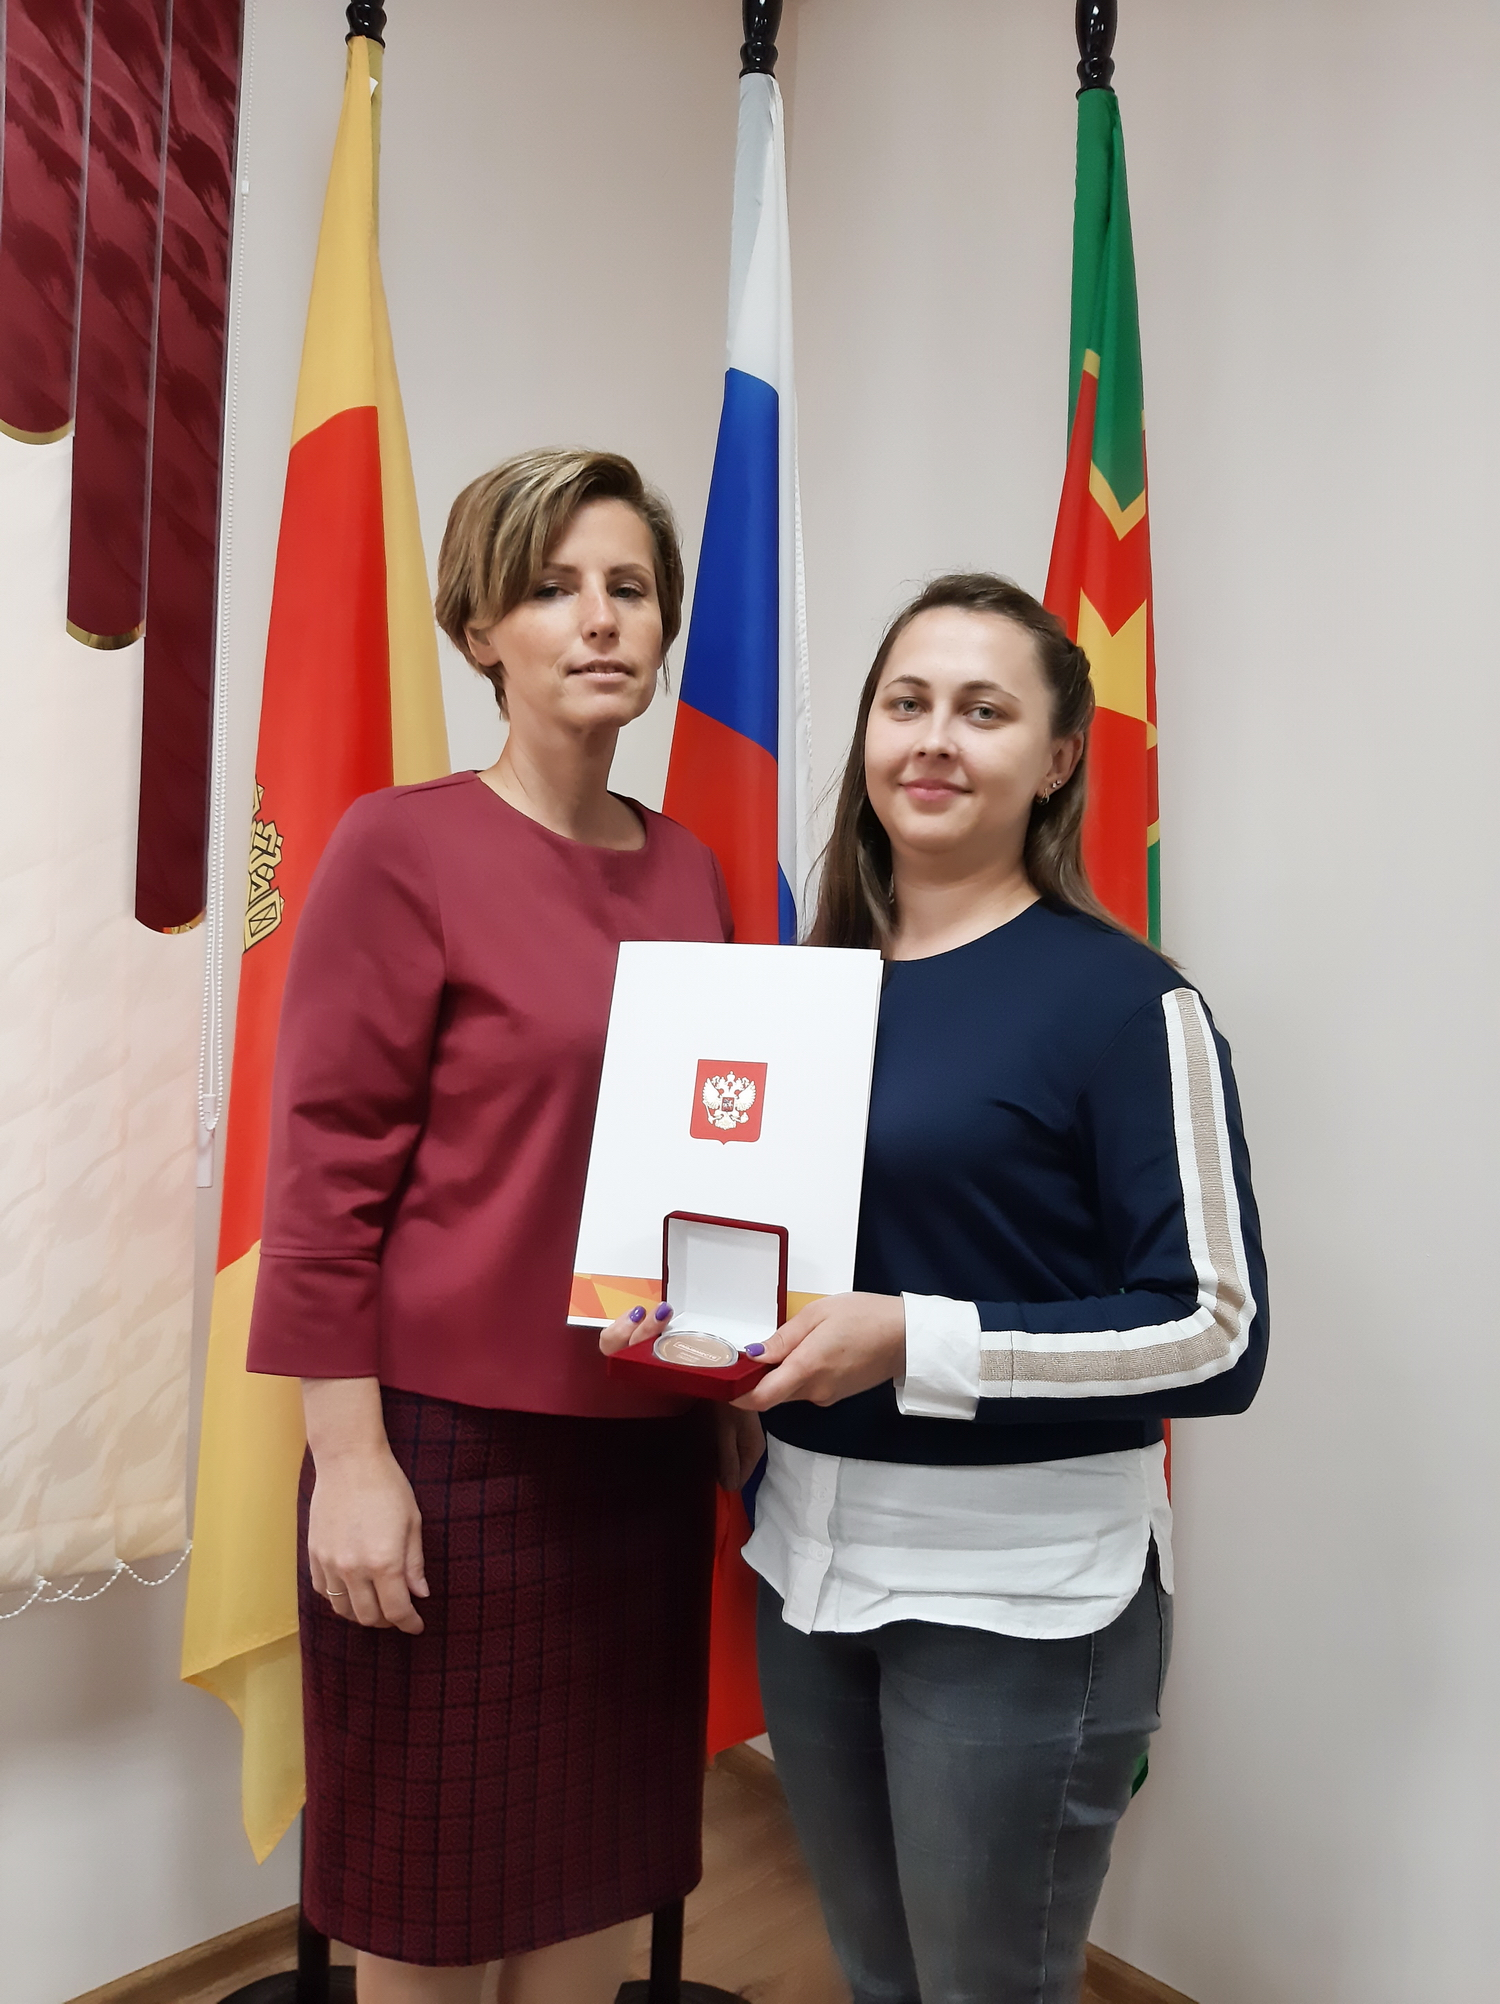 Благодарность волонтёру: грамотой Президента наградили жительницу района Тверской области